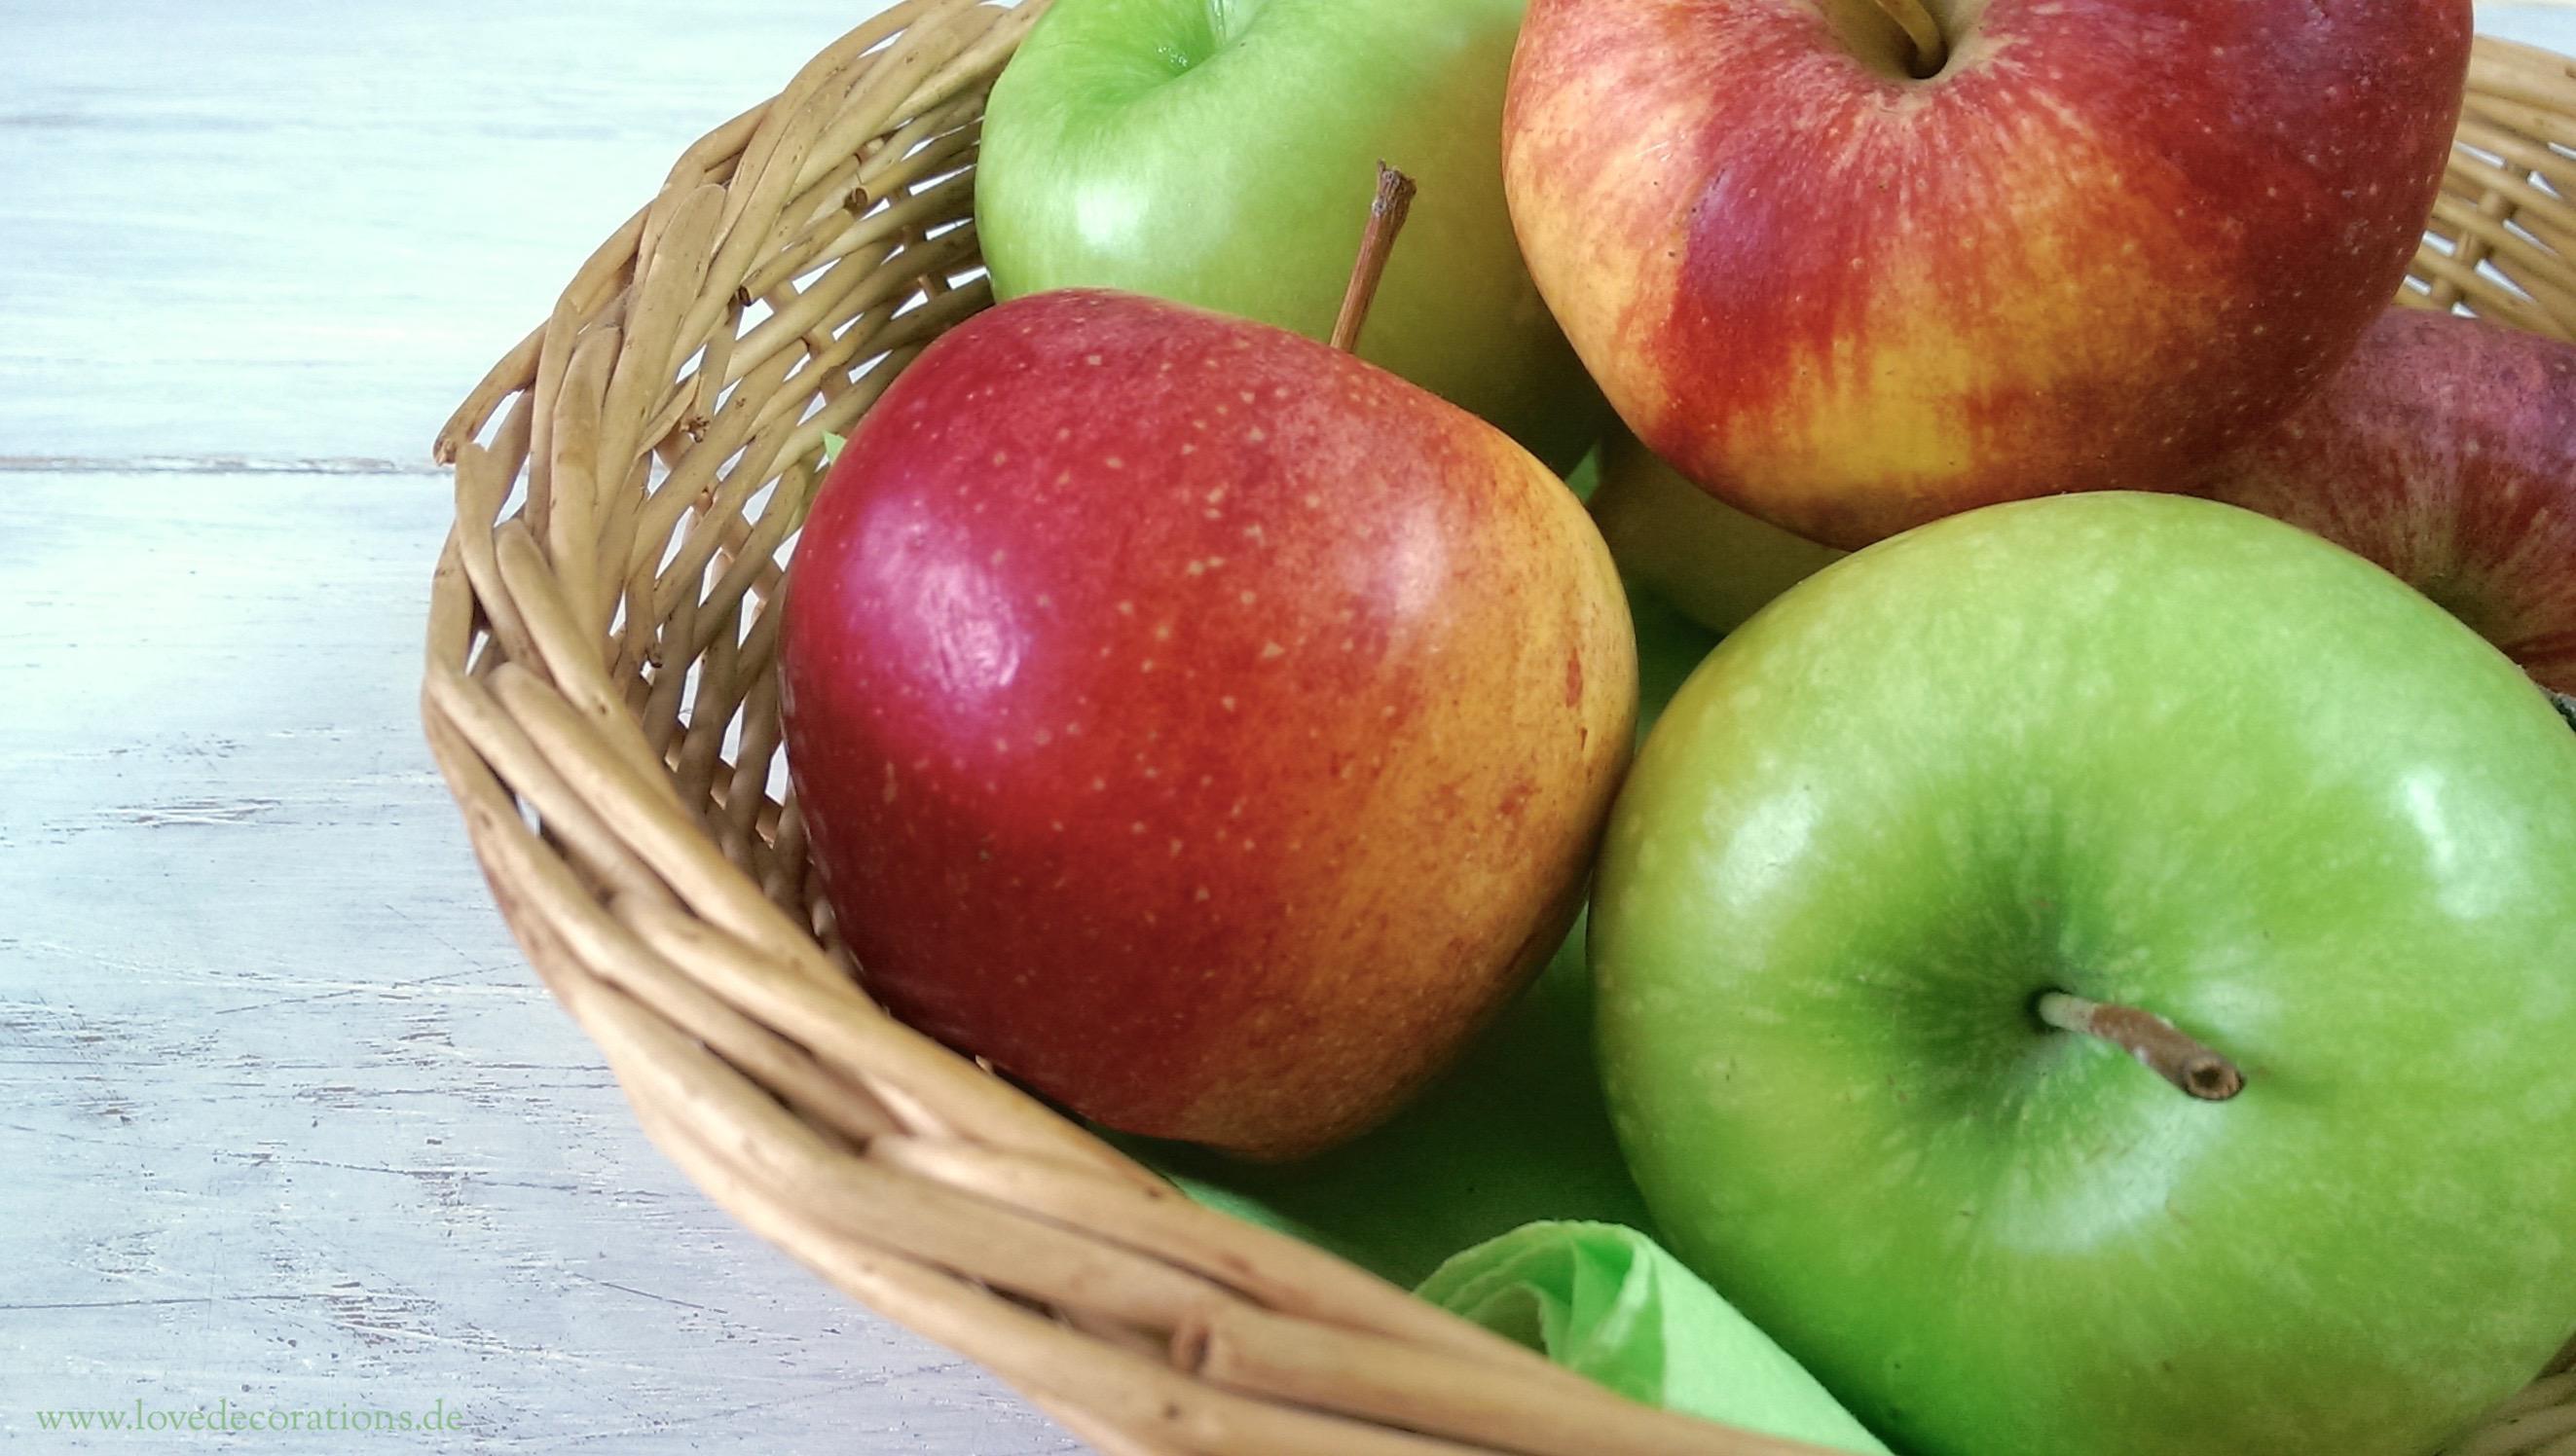 Groß Malvorlagen Von äpfeln Ideen - Beispiel Wiederaufnahme Vorlagen ...